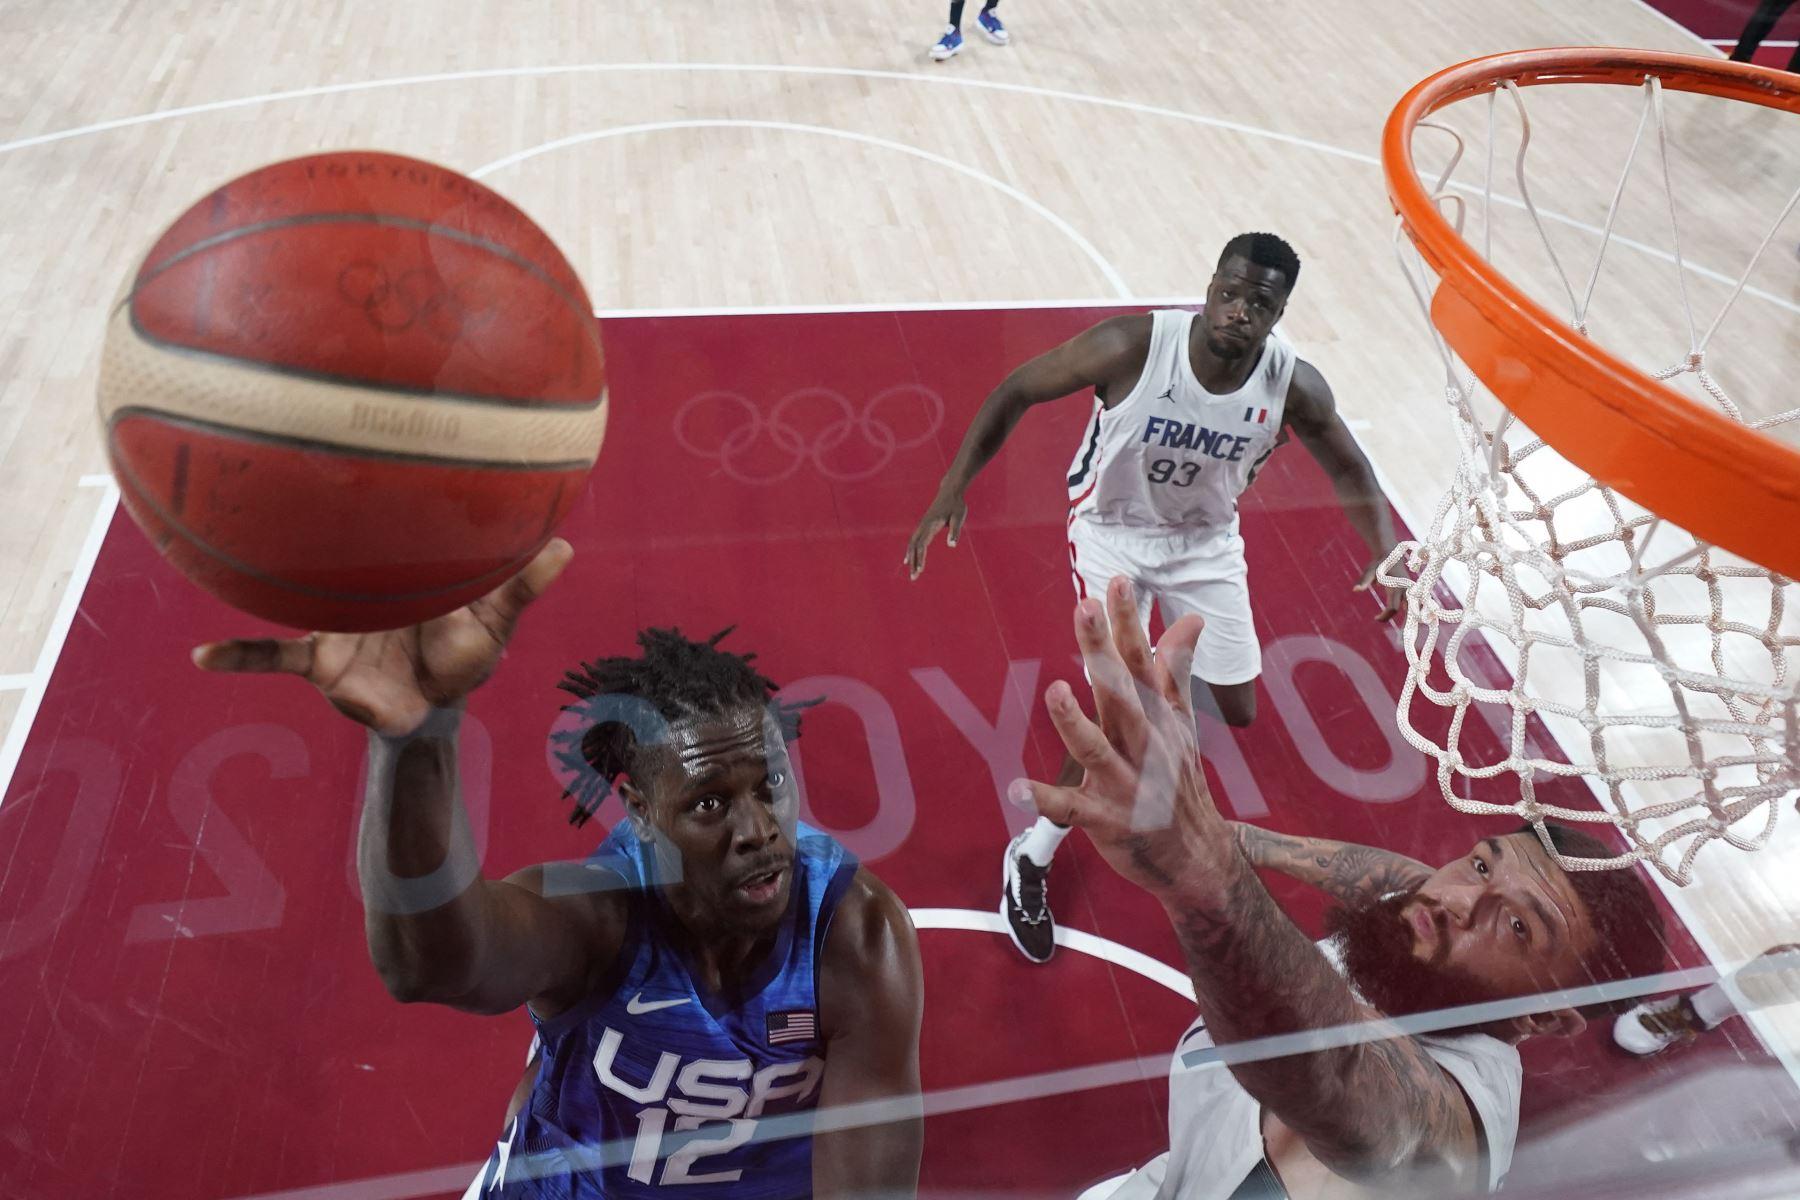 Jrue Holiday de EE. UU. va a por la canasta ante Vincent Poirier de Francia durante el partido de baloncesto del grupo A de la ronda preliminar masculina entre Francia y EE. UU. Durante los Juegos Olímpicos de Tokio 2020. Foto: AFP